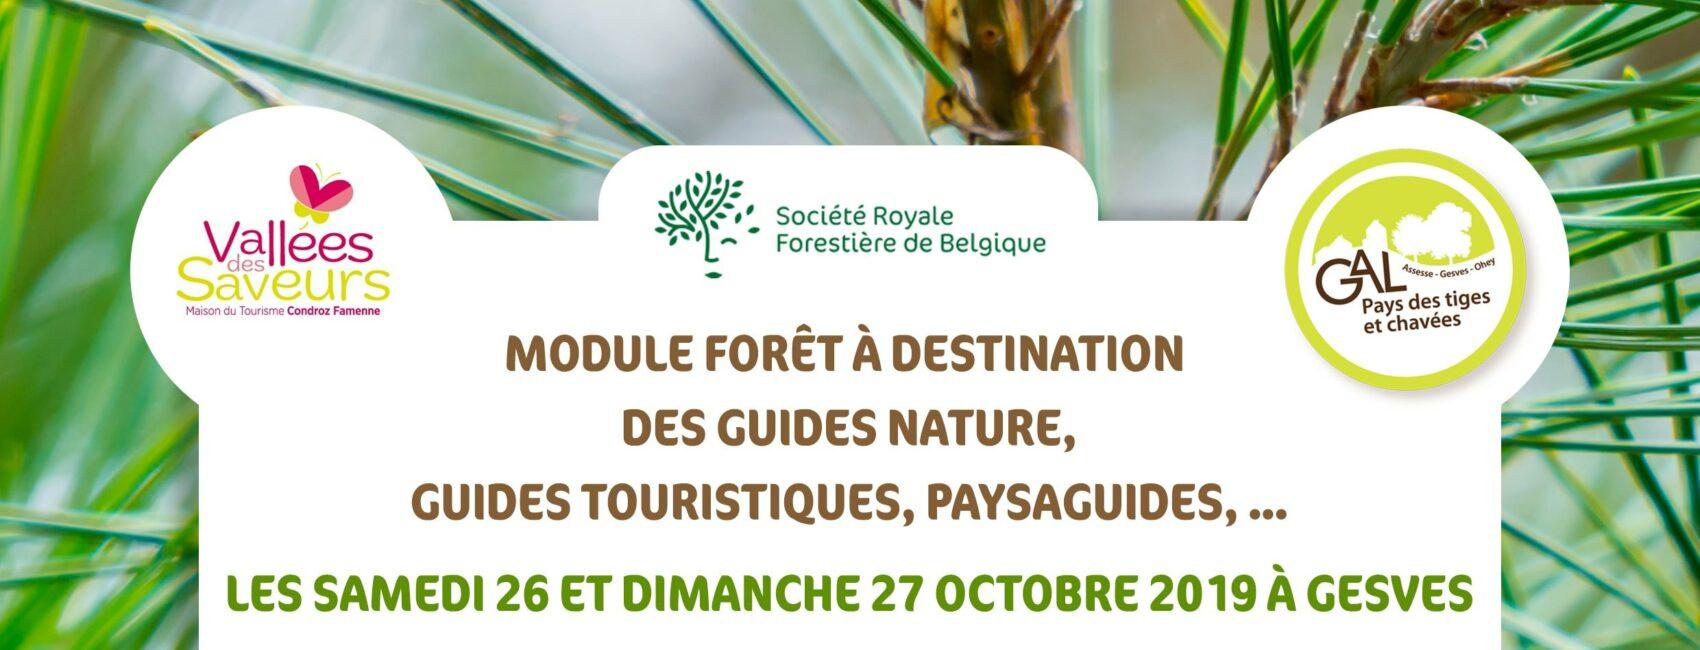 Module Forêt à destination des guides nature, guides touristiques, paysaguides...